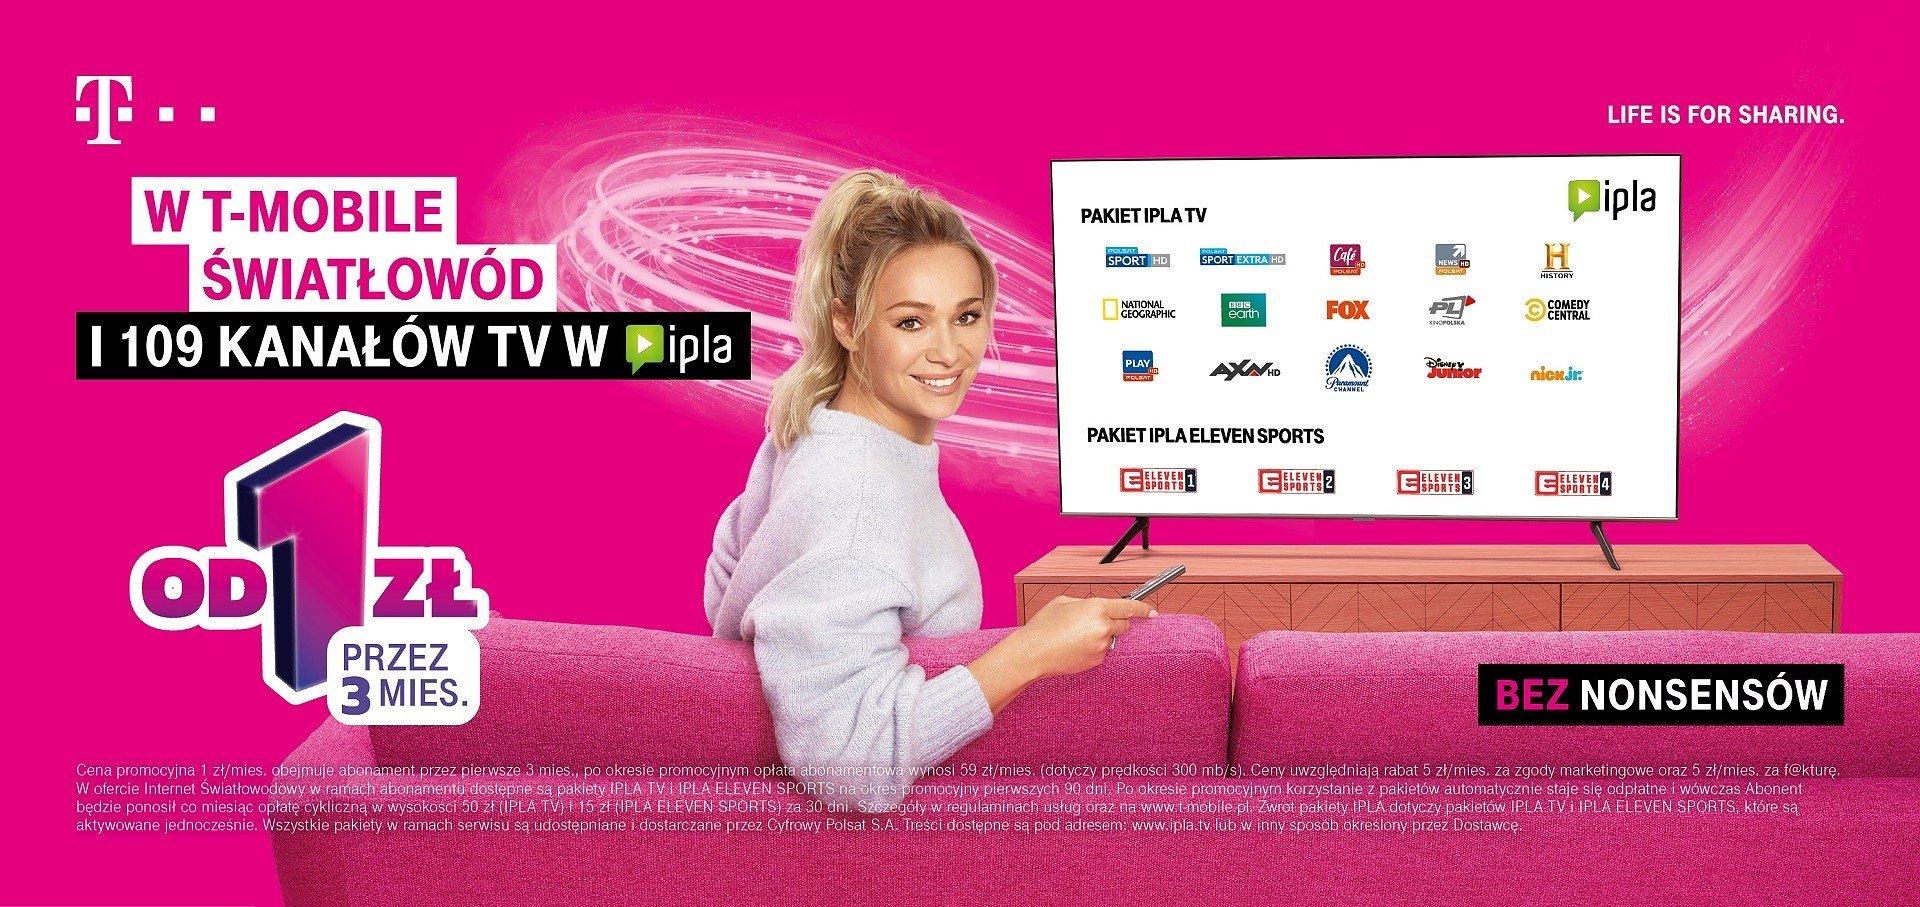 Światłowód i dostęp do rozrywki od T-Mobile w ekstra cenie – od 1 zł przez 3 miesiące